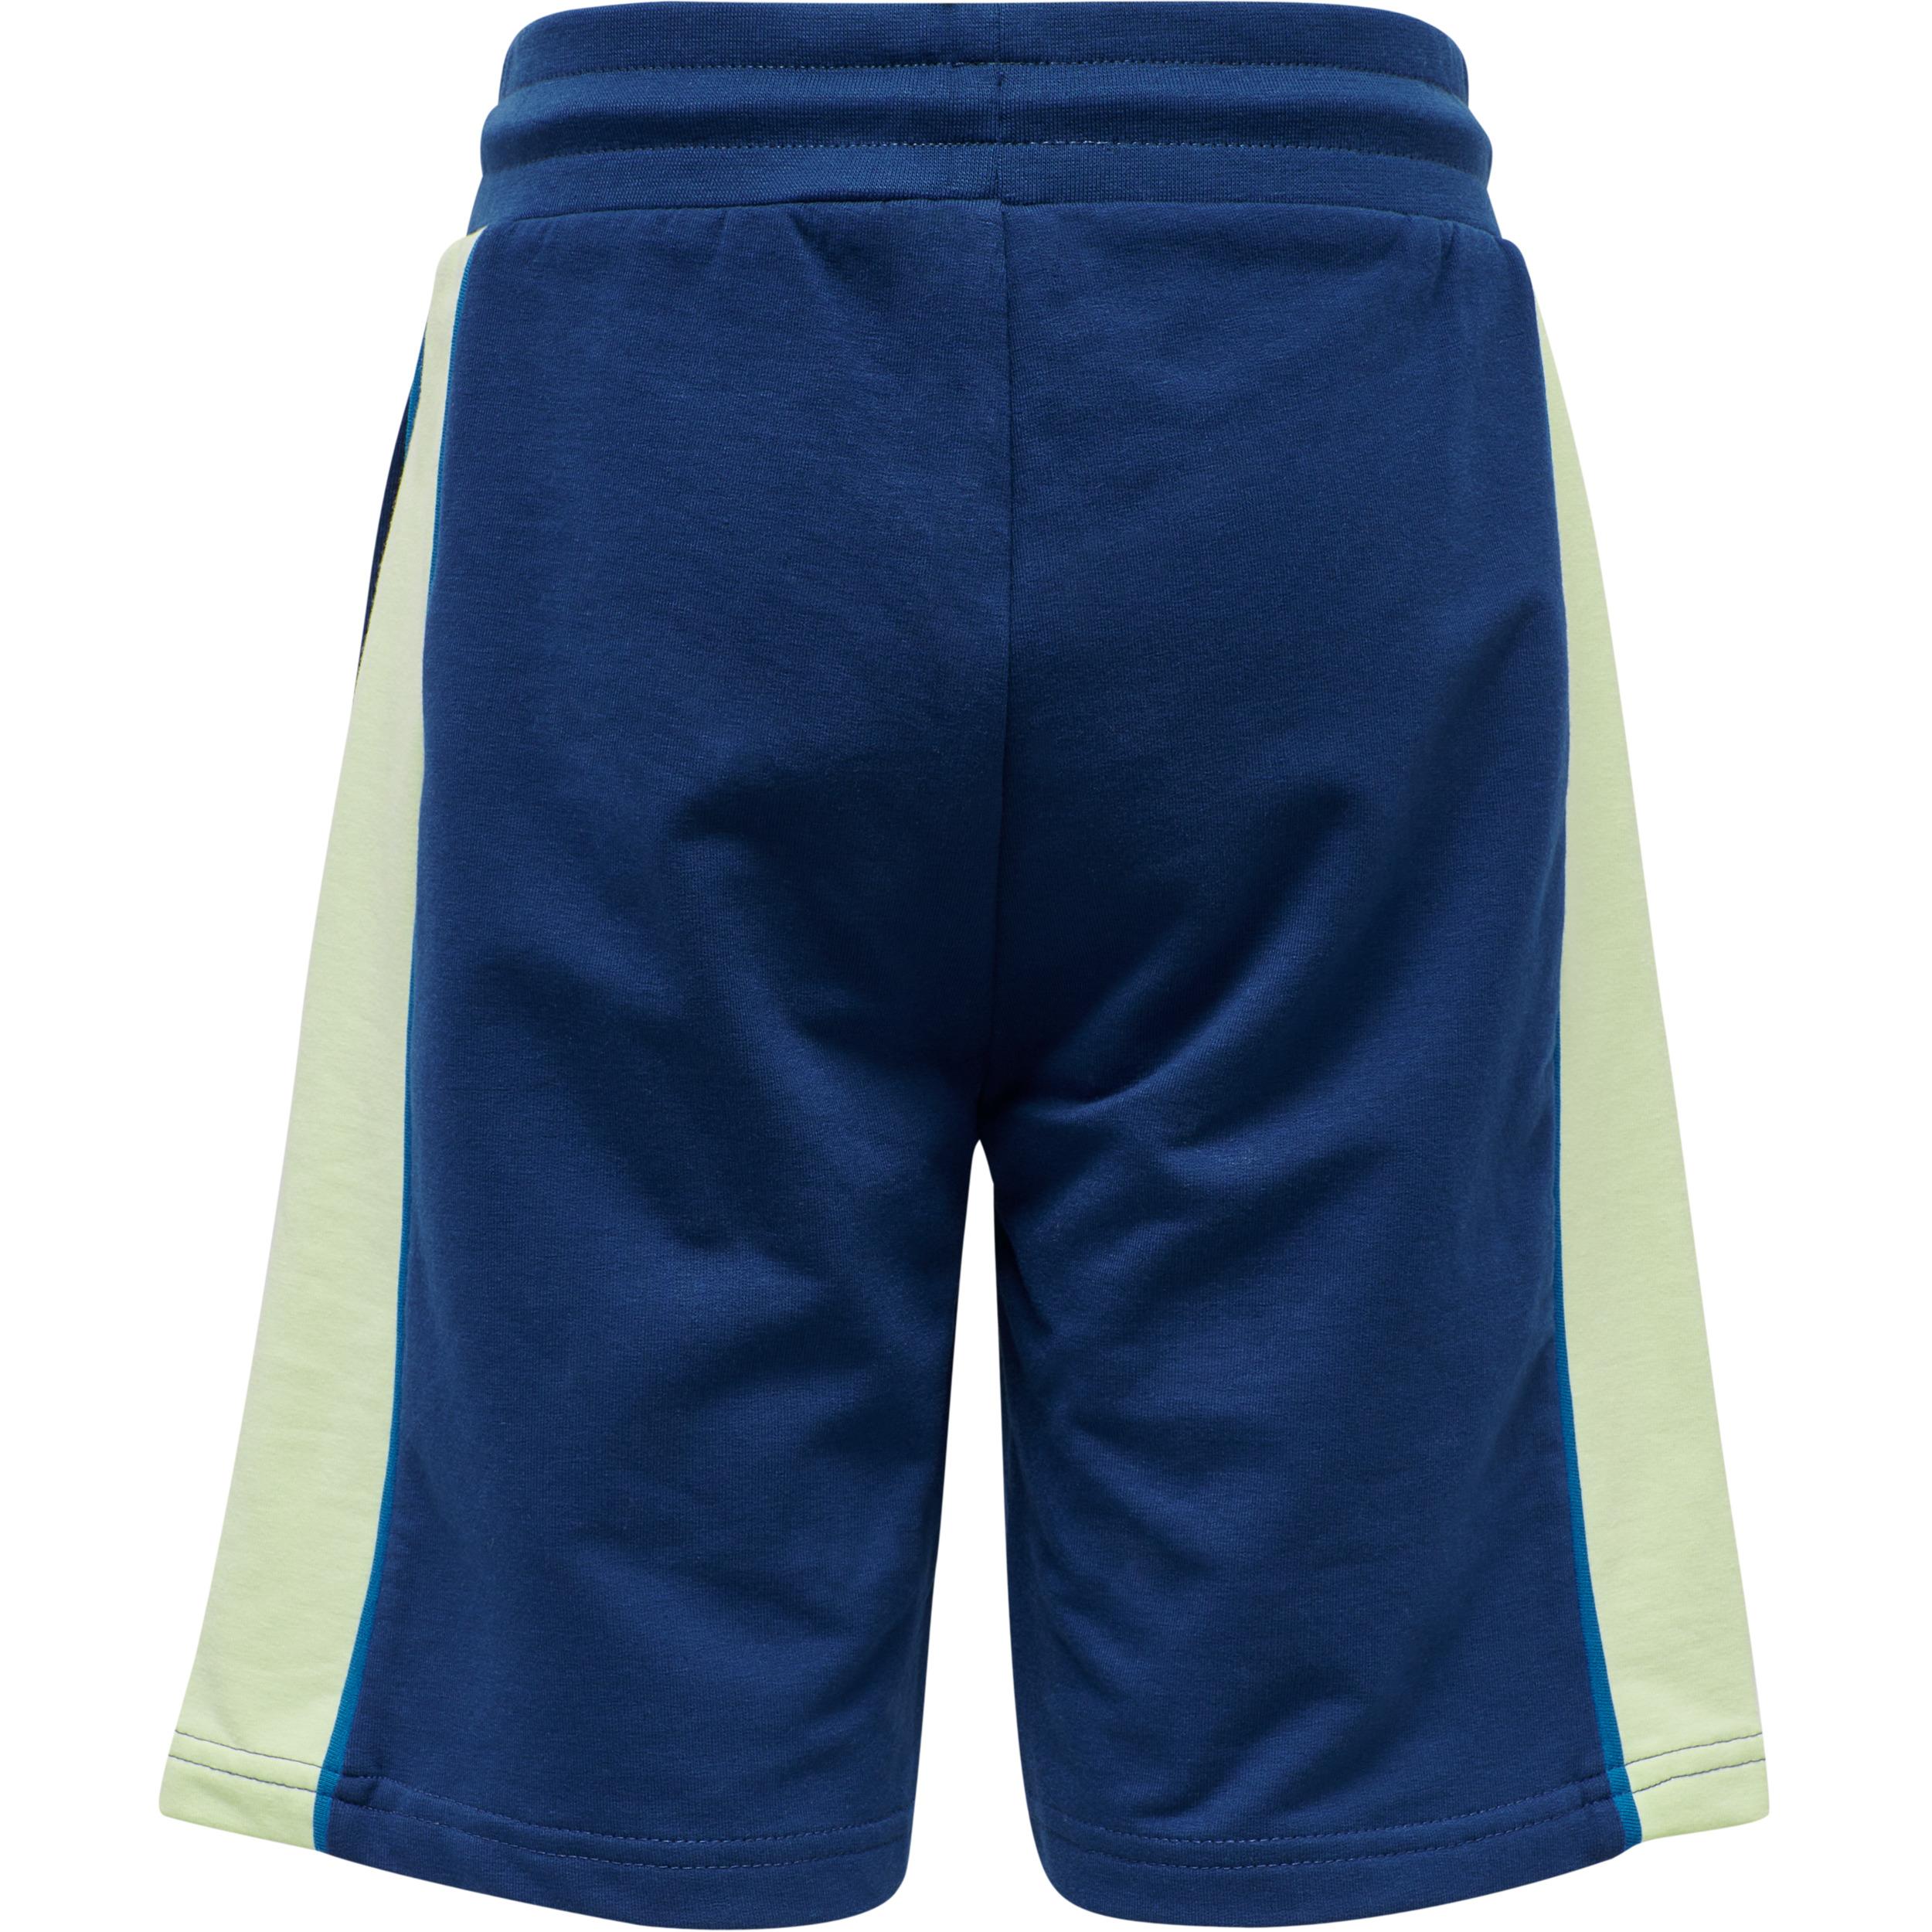 Hummel defender shorts, Estate blue, 128